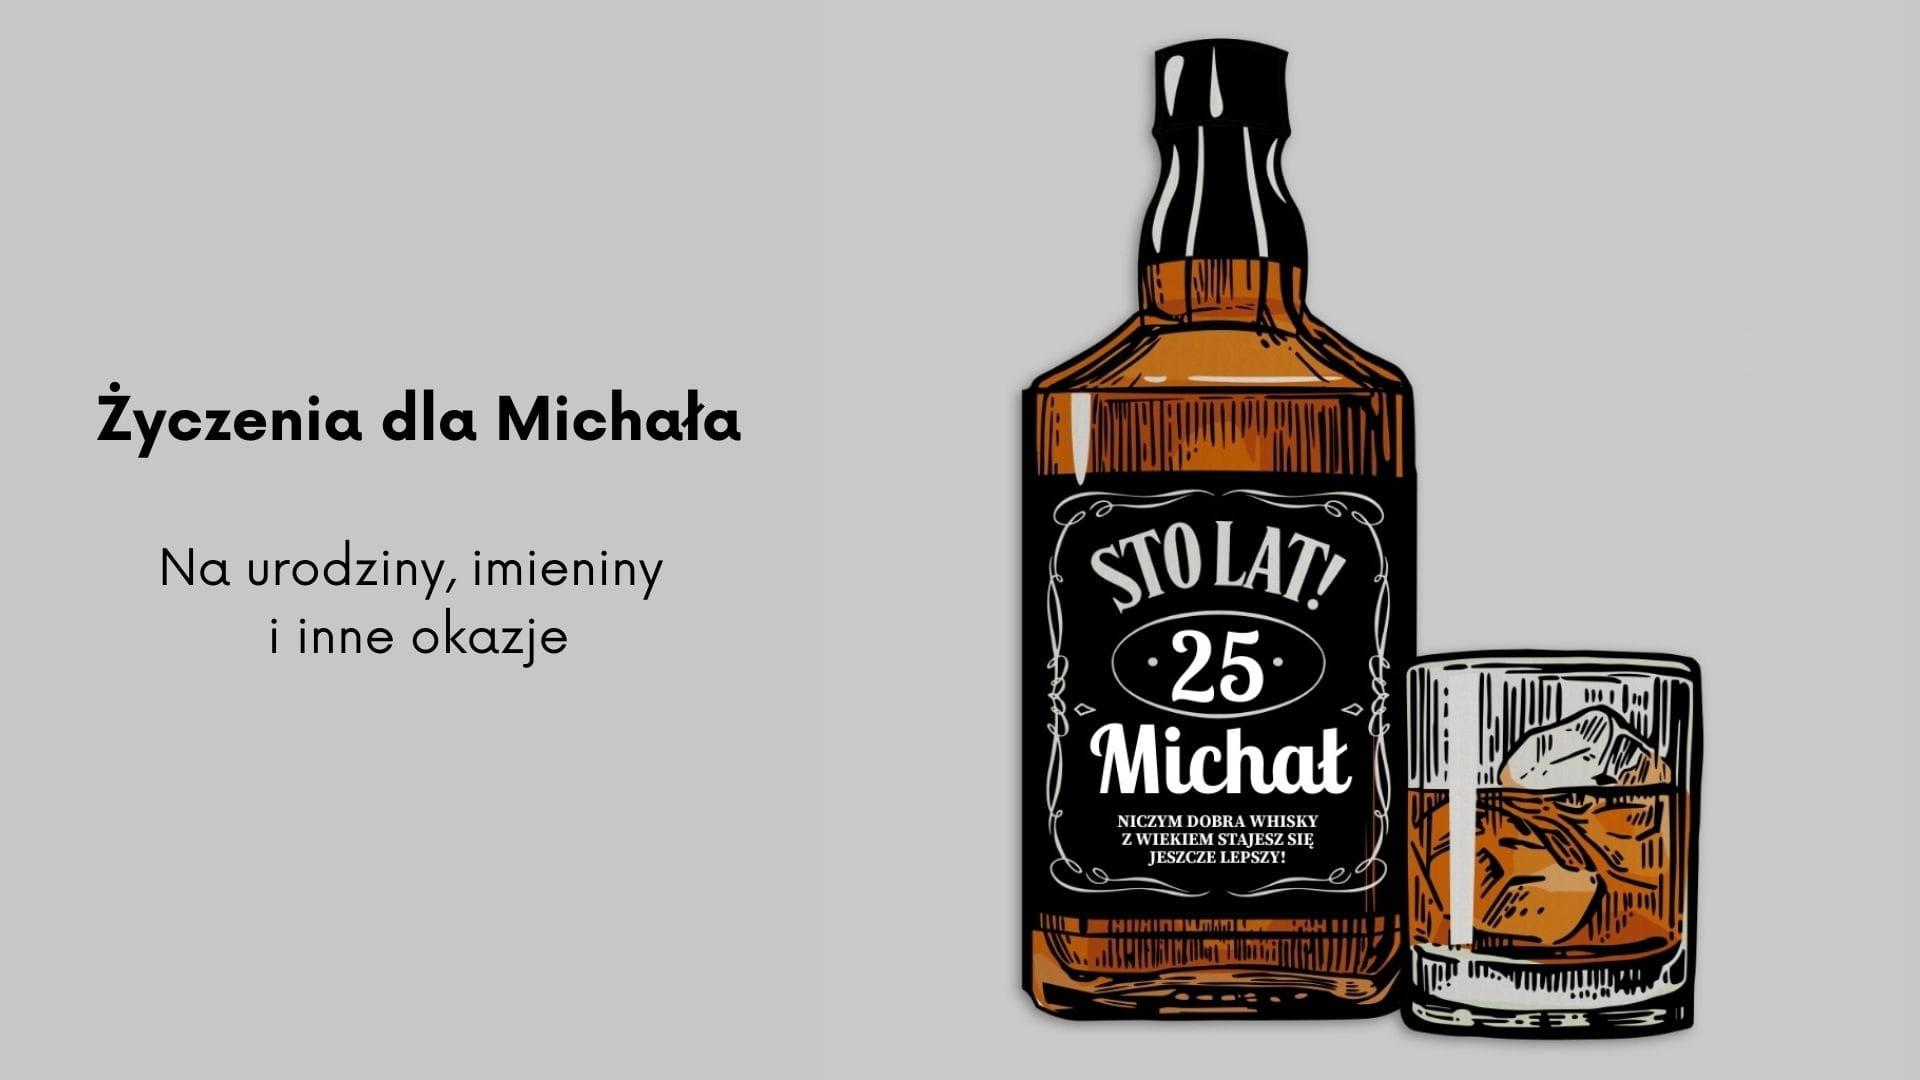 Życzenia dla Michała na urodziny, imieniny i inne okazhje